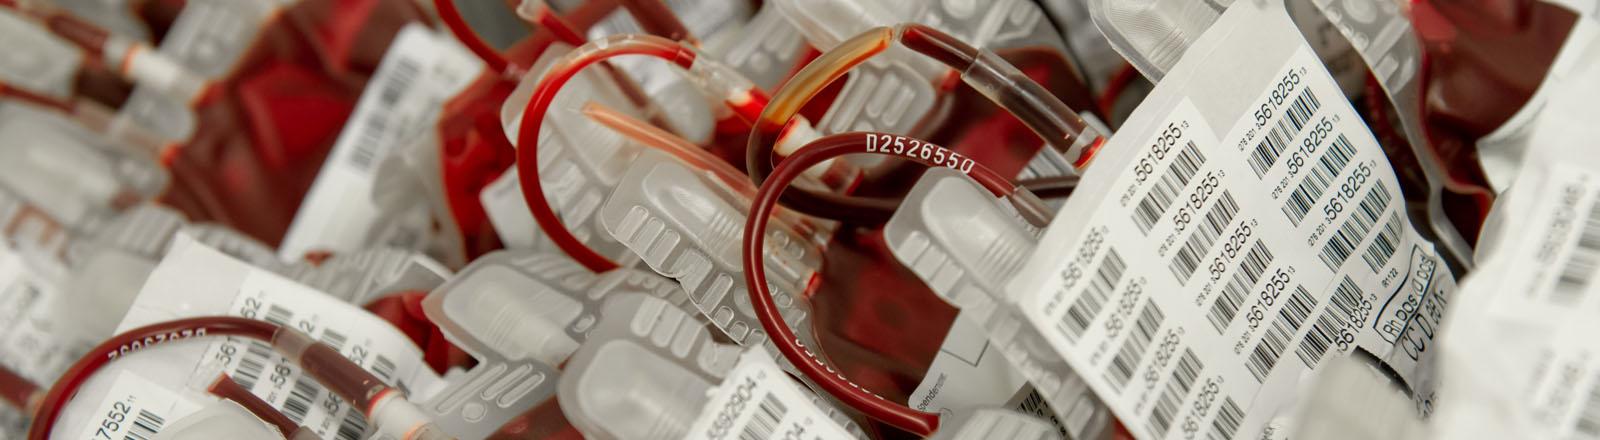 Blutkonserven bei der Blutspende.